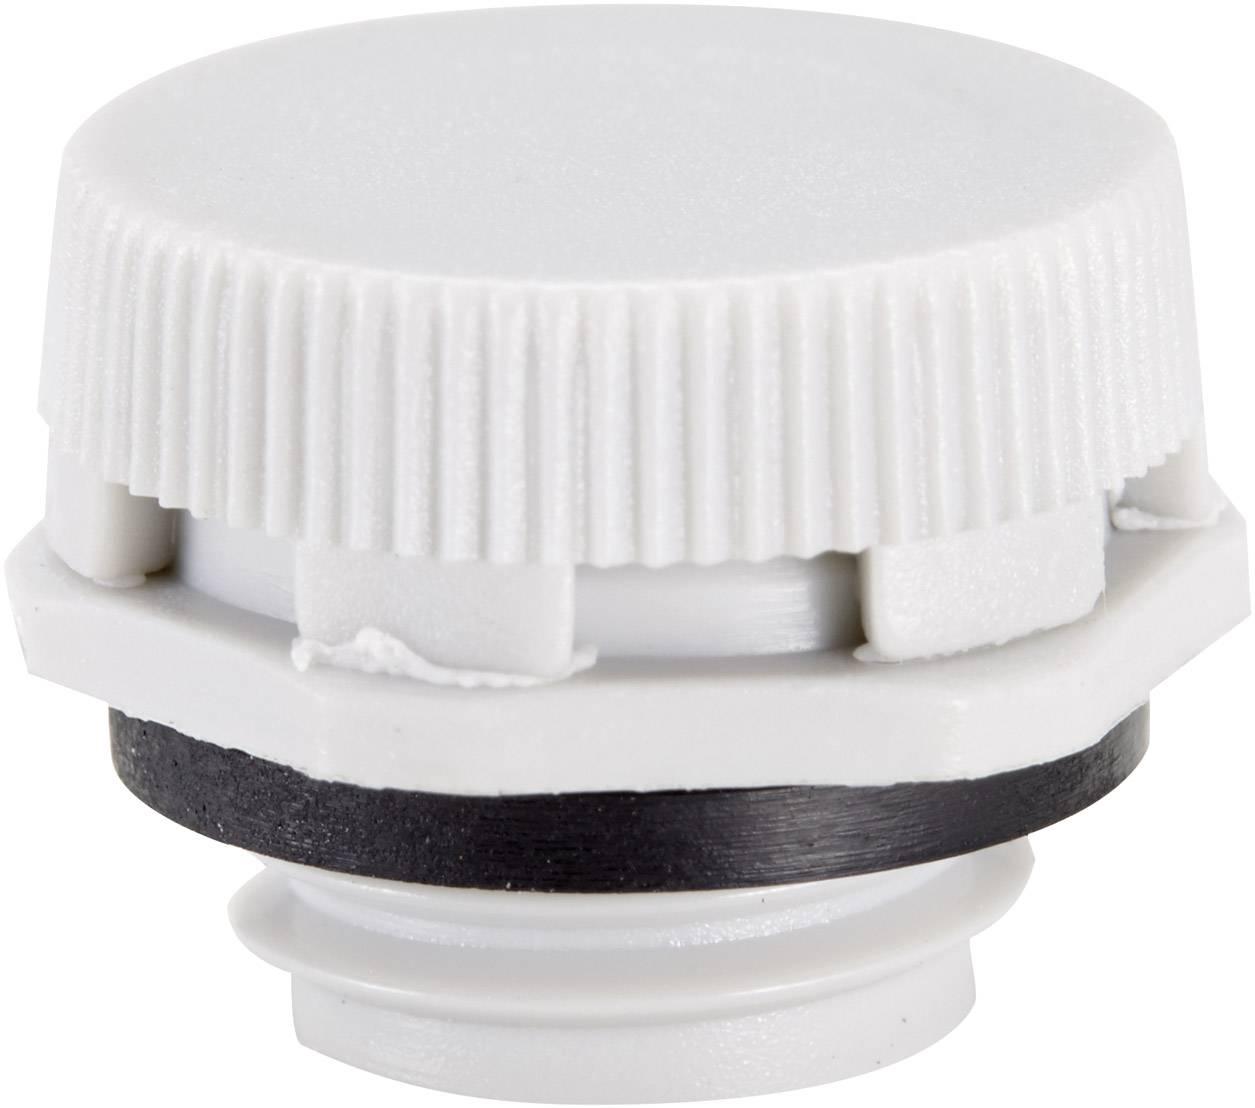 Uzávěr pro vyrovnávání tlaku LAPP SKINDICHT VENT UL 12x1,5 LGY plus, polyamid, 1 ks